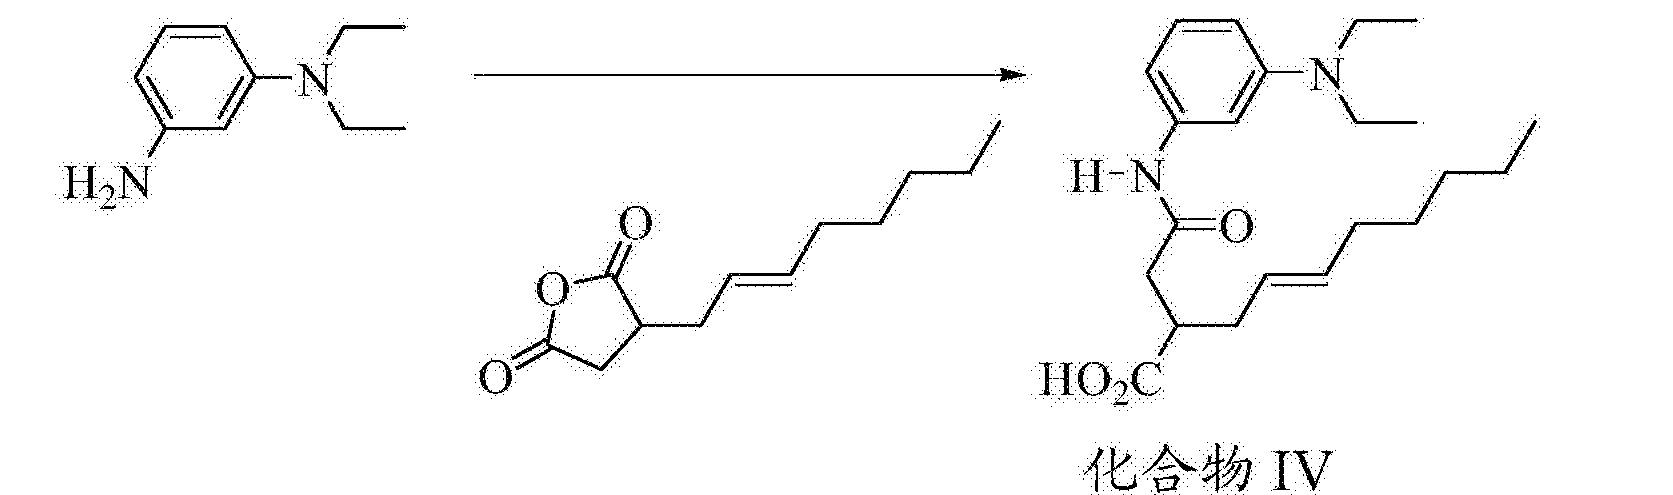 Figure CN104350106BD00241